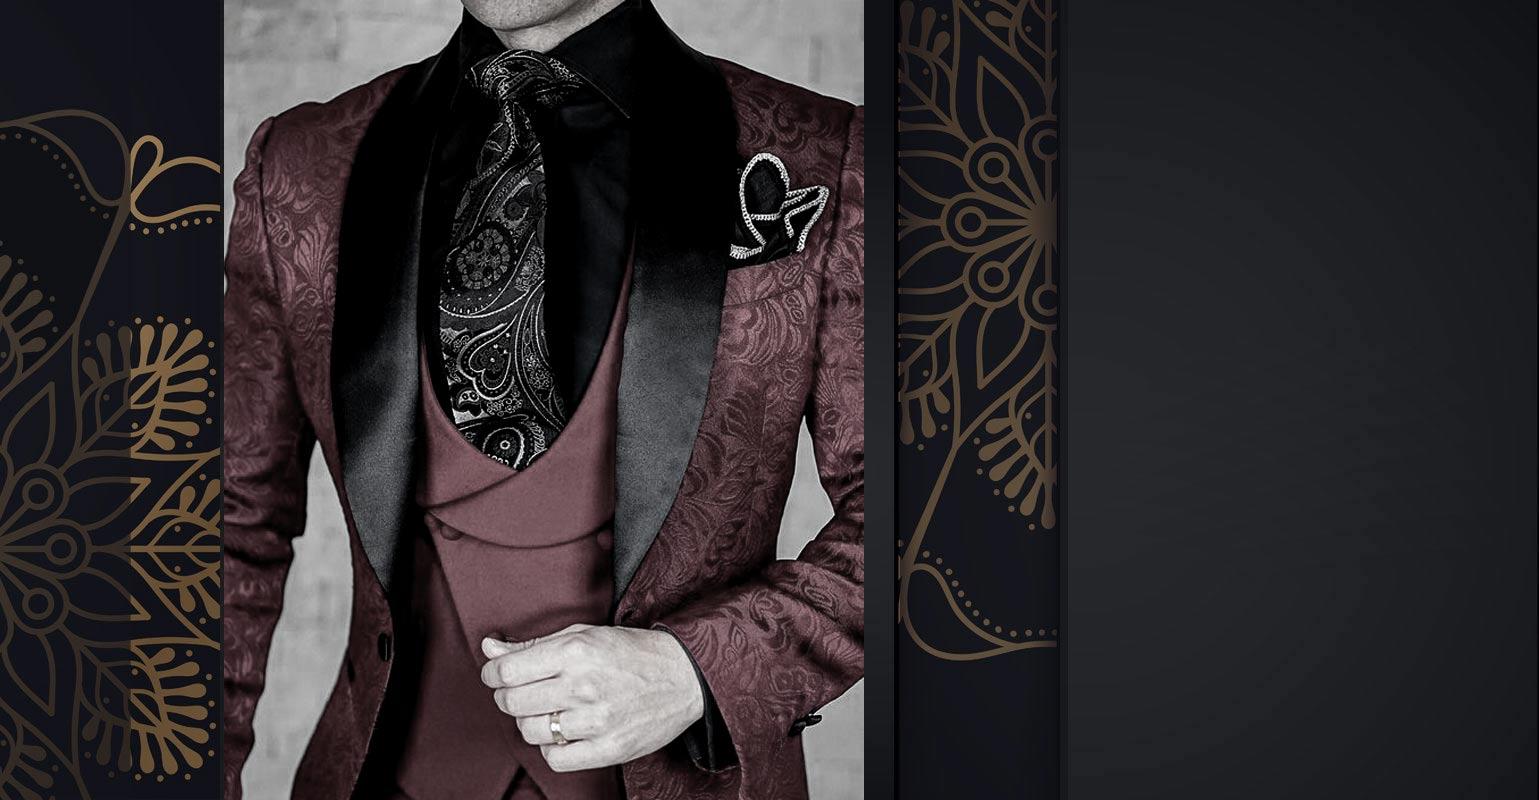 Gothic style for men 9 - استایل گوتیک مردانه